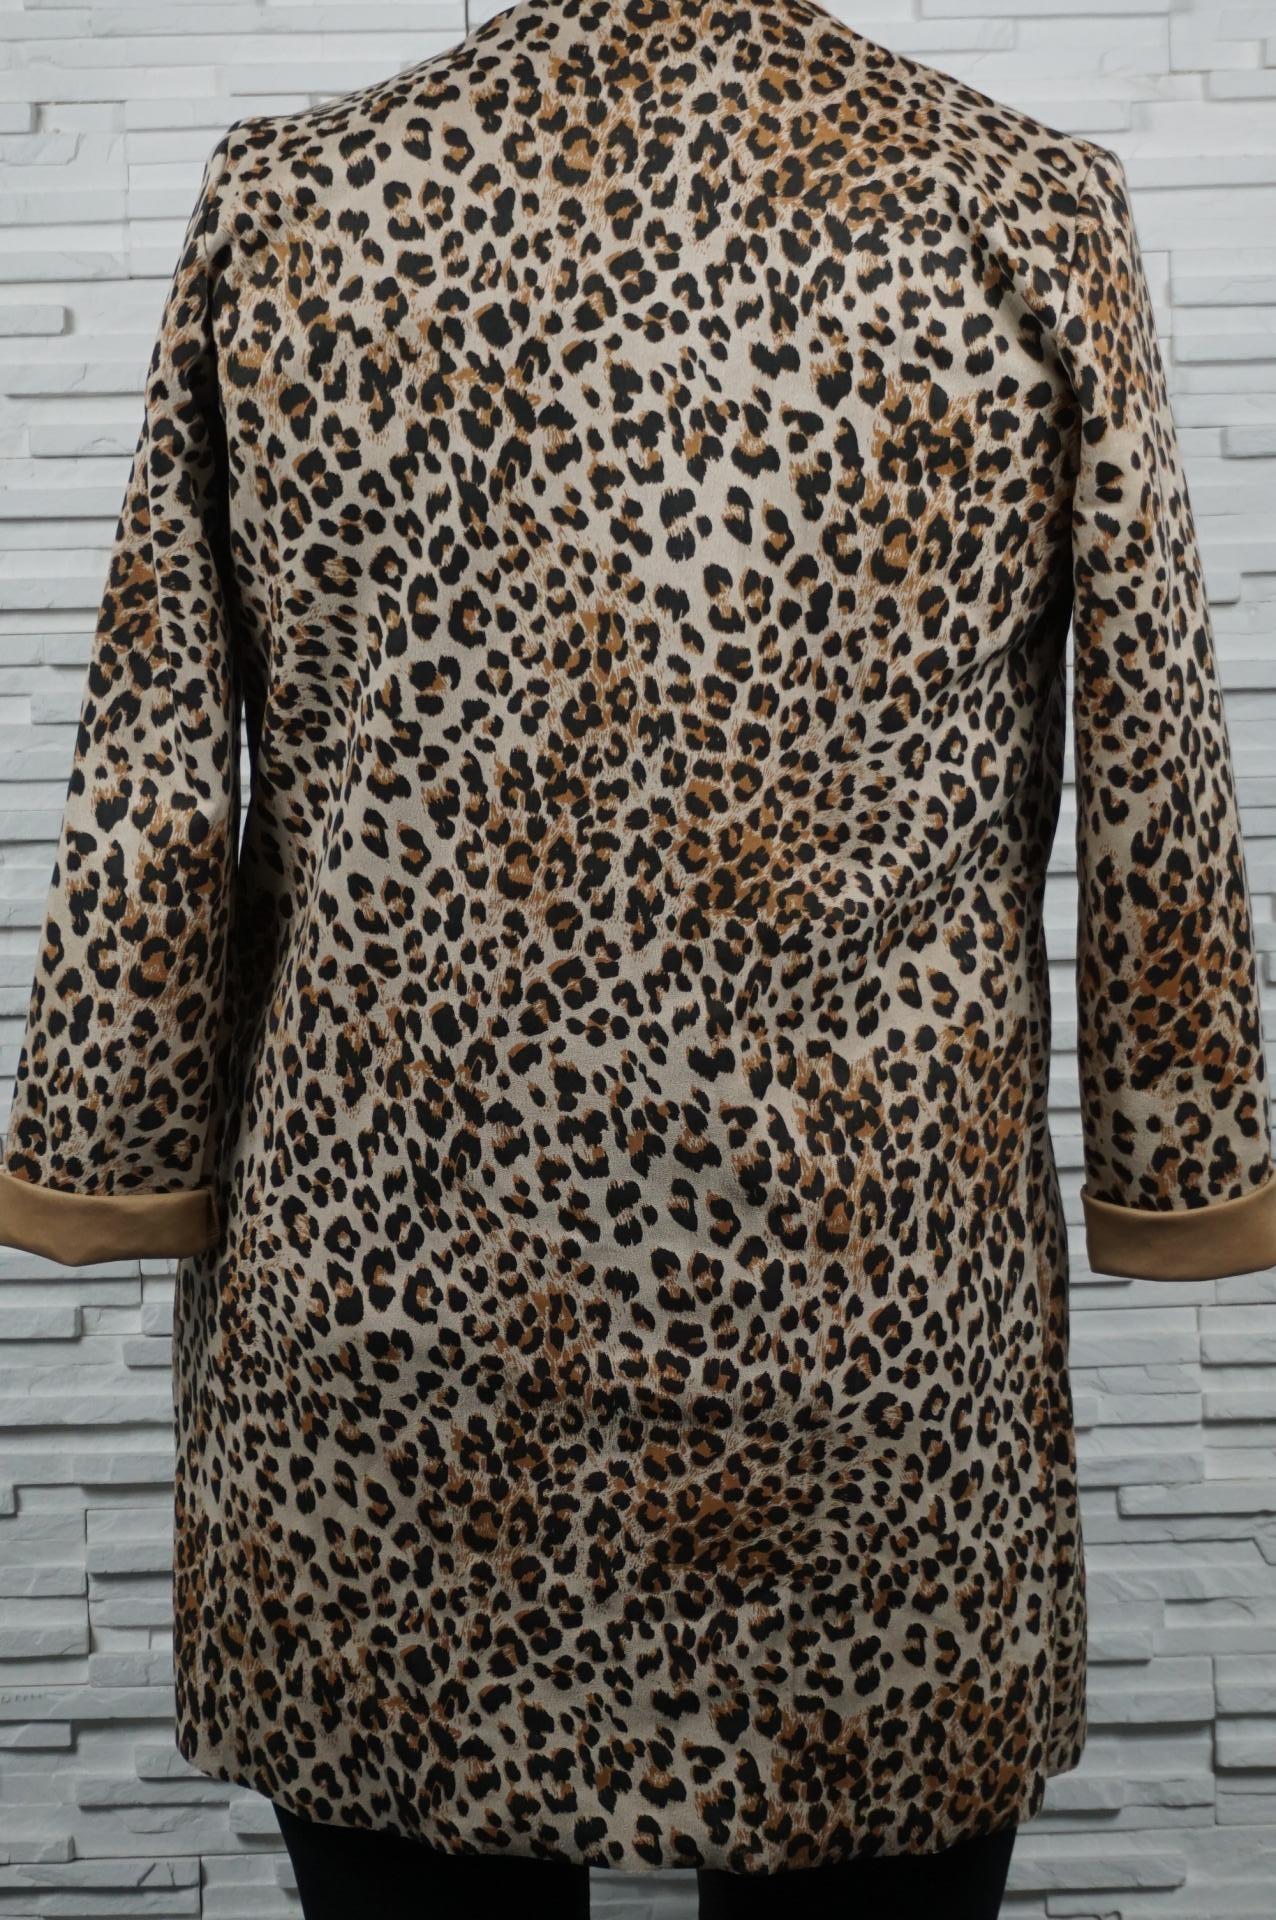 Veste en suédine imprimé léopard.